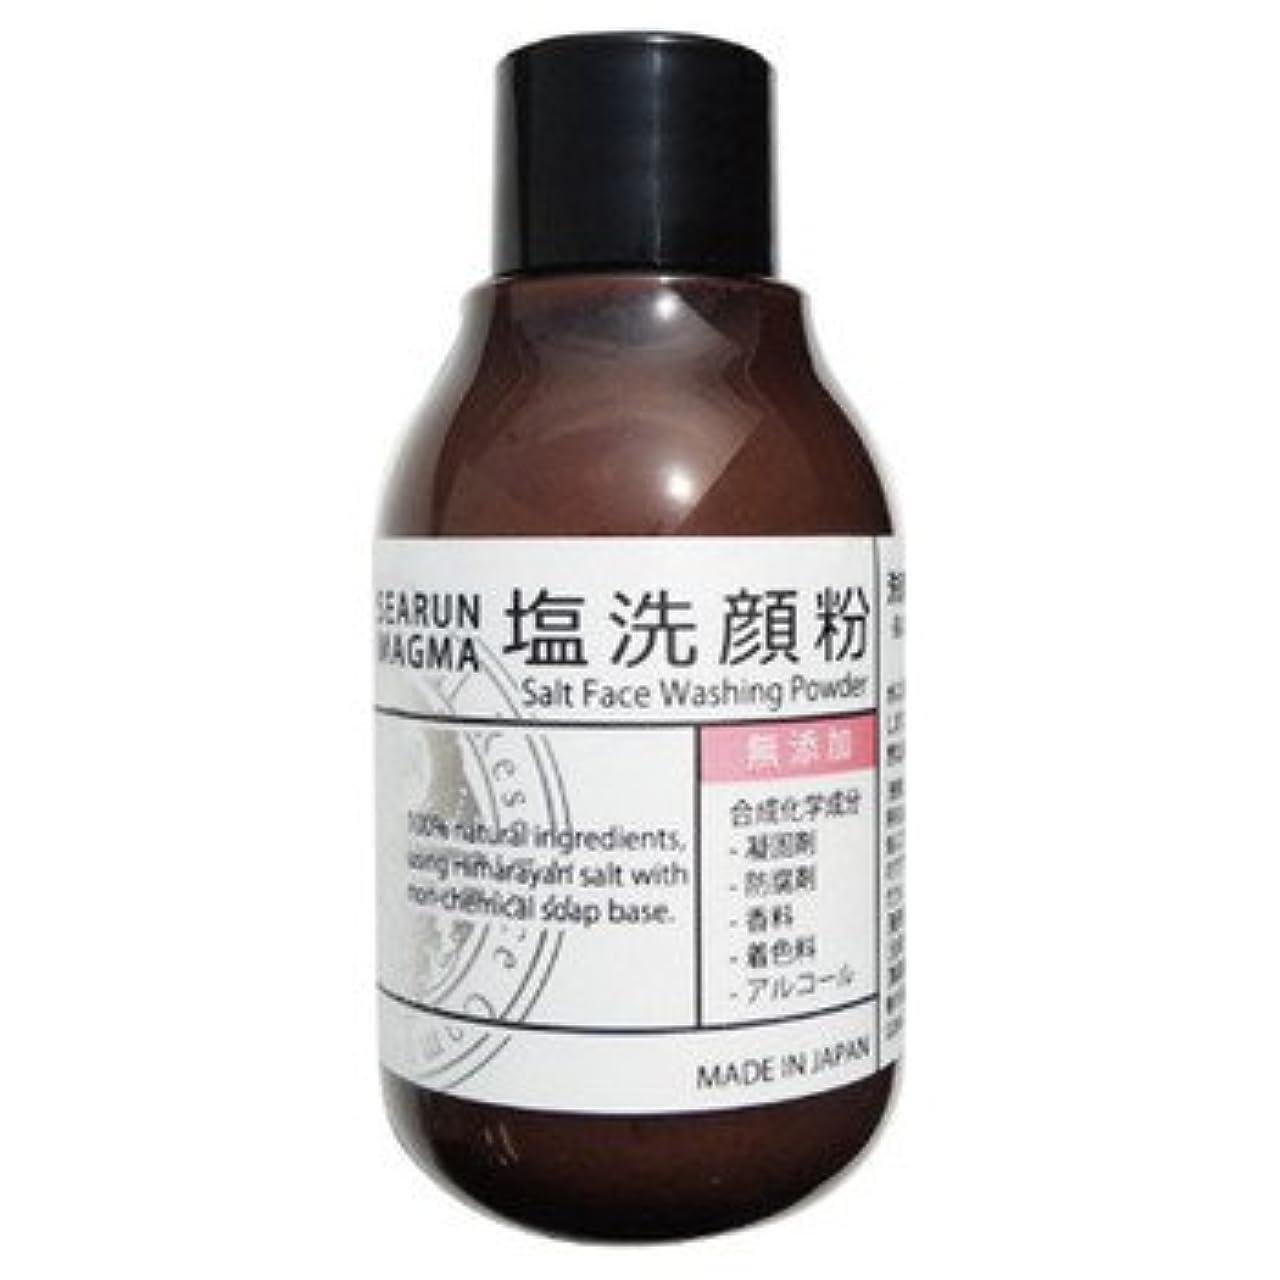 バーマドランダムビルマ<お買い得セット>シーランマグマ塩洗顔粉10個